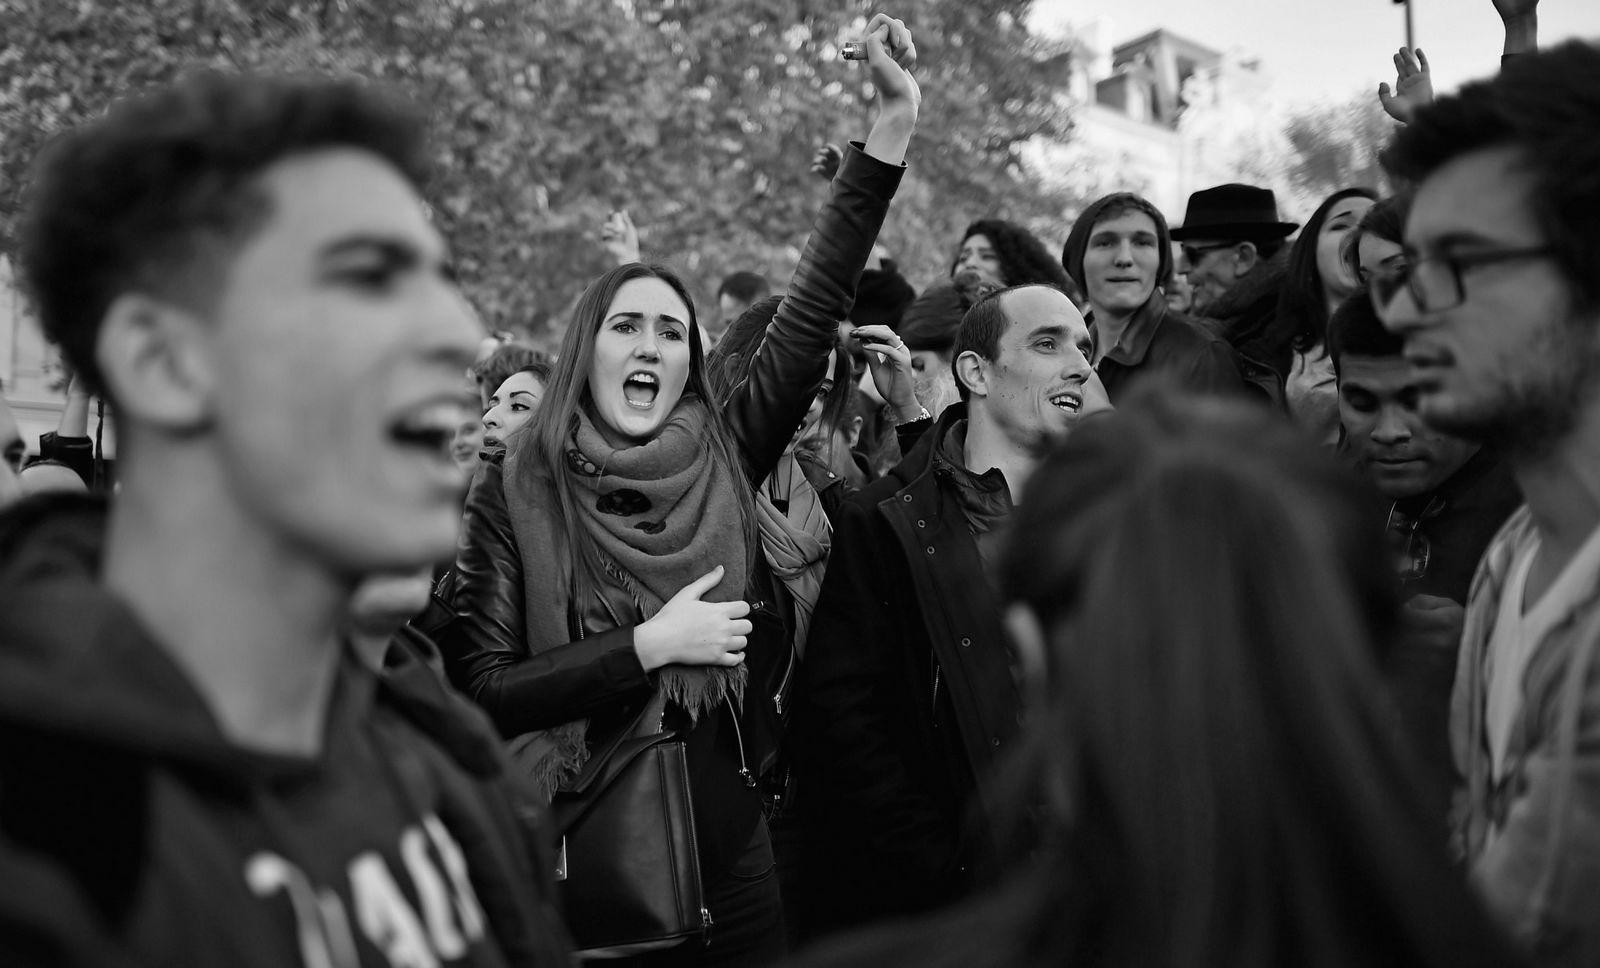 Europa será Dominada por el Islam en Pocos Años, en medio de Conflictos